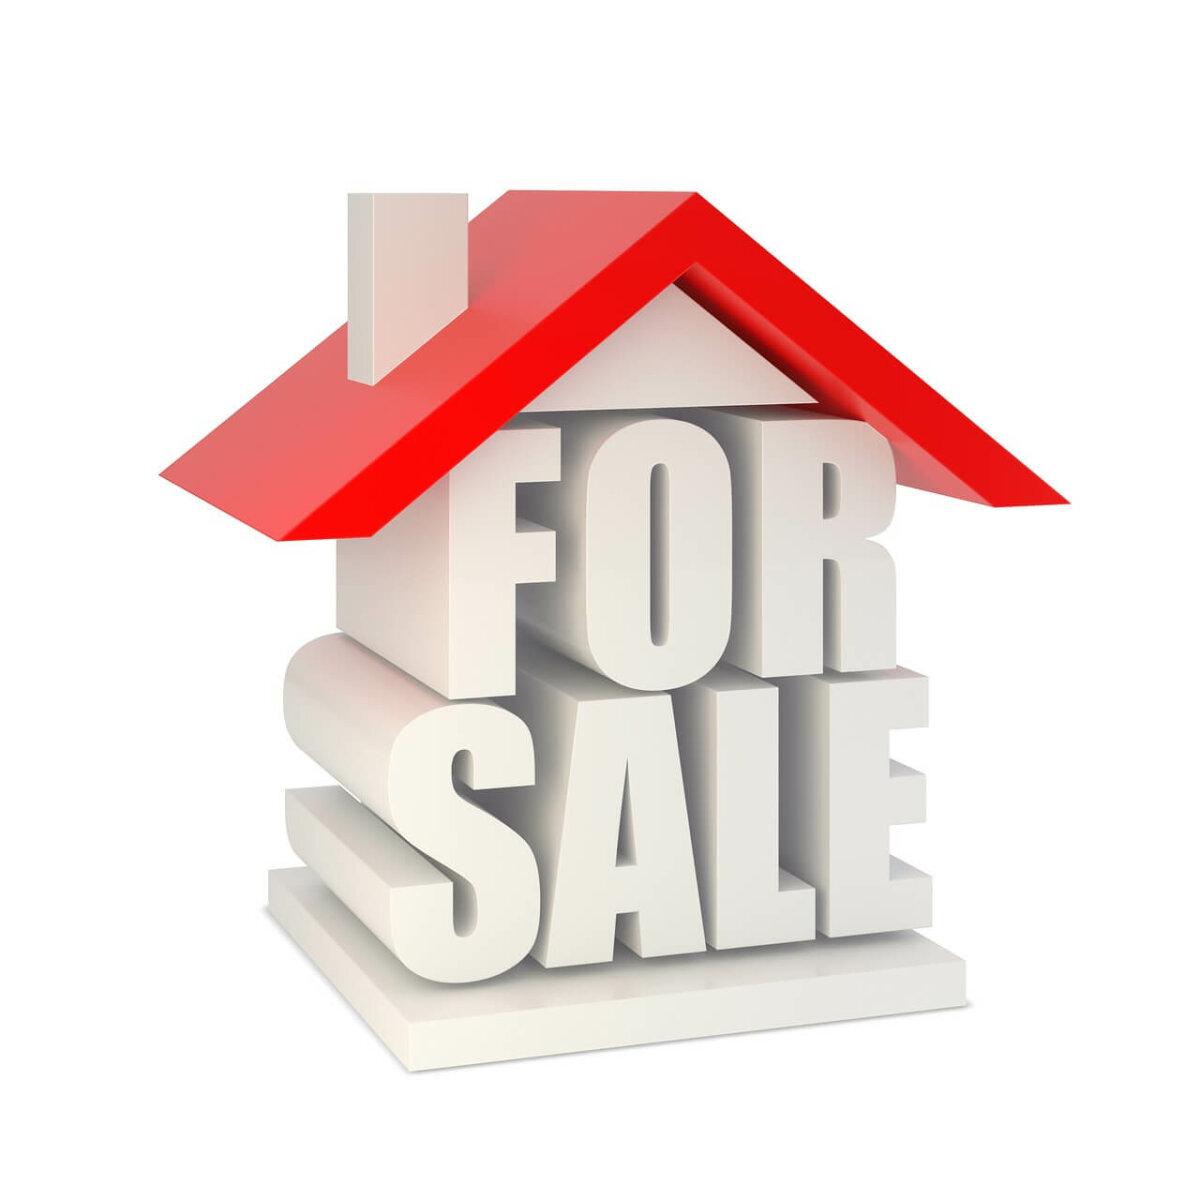 Immobilienverkauf: Kein Spekulationsgewinn trotz kurzzeitiger Vermietung